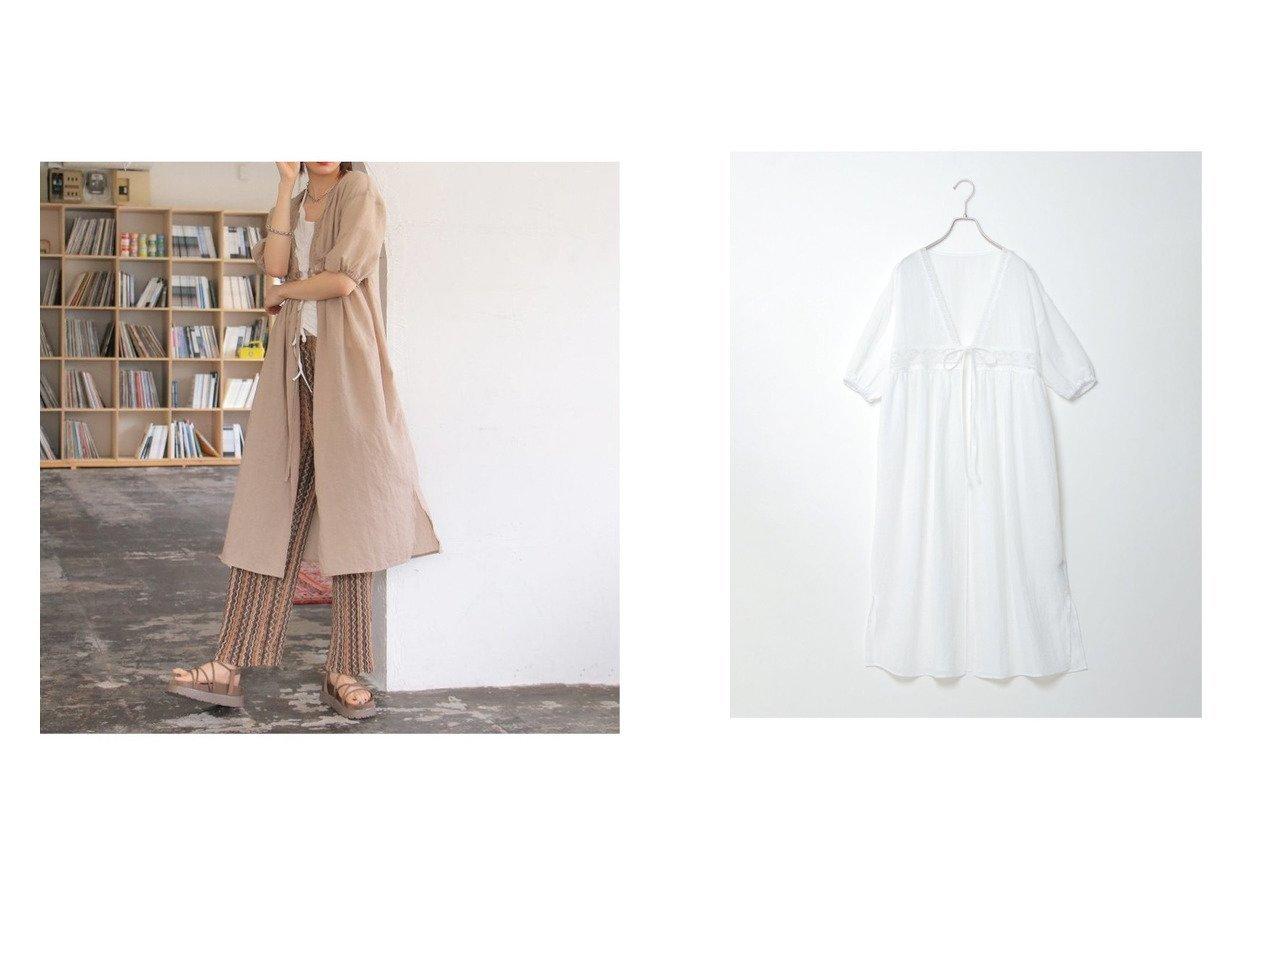 【VENCE share style/ヴァンス シェアスタイル】のEボイルシャツガウン おすすめ!人気、トレンド・レディースファッションの通販 おすすめで人気の流行・トレンド、ファッションの通販商品 インテリア・家具・メンズファッション・キッズファッション・レディースファッション・服の通販 founy(ファニー) https://founy.com/ ファッション Fashion レディースファッション WOMEN トップス・カットソー Tops/Tshirt シャツ/ブラウス Shirts/Blouses S/S・春夏 SS・Spring/Summer カーディガン ガウン チュニック 夏 Summer 春 Spring |ID:crp329100000064086